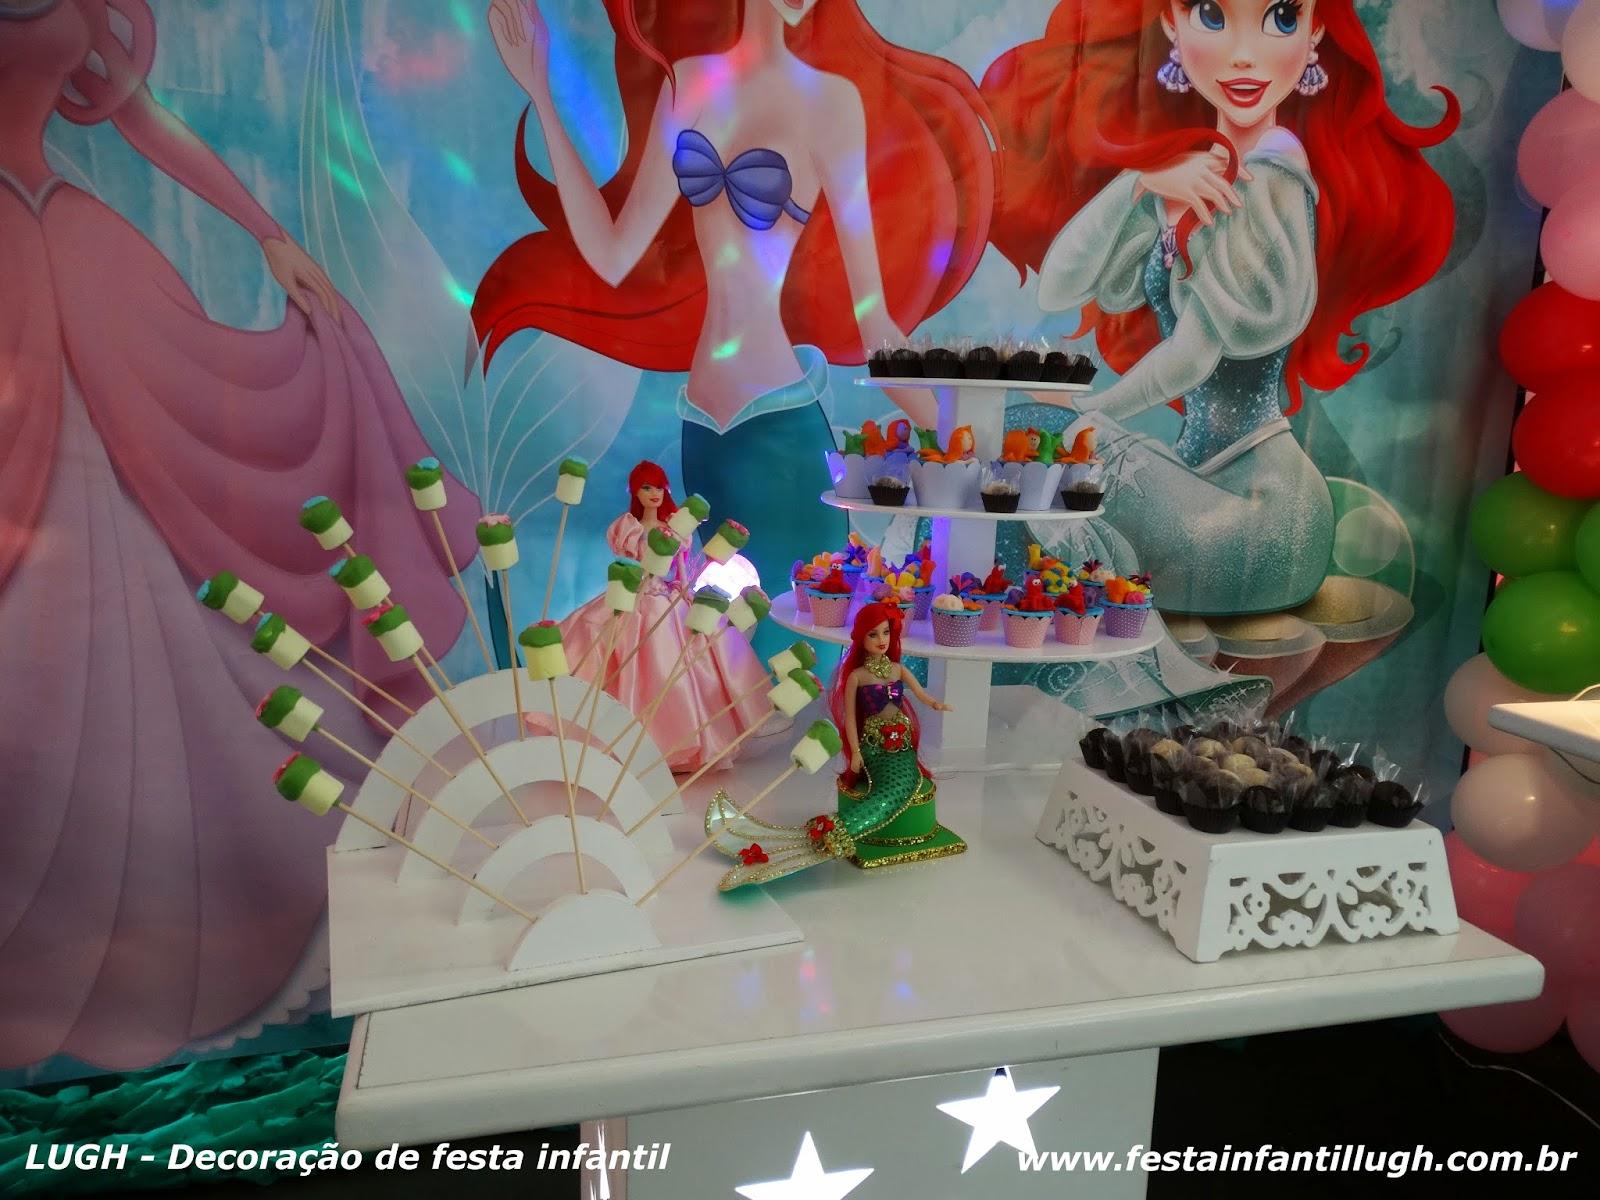 Festa infantil com o tema da Ariel